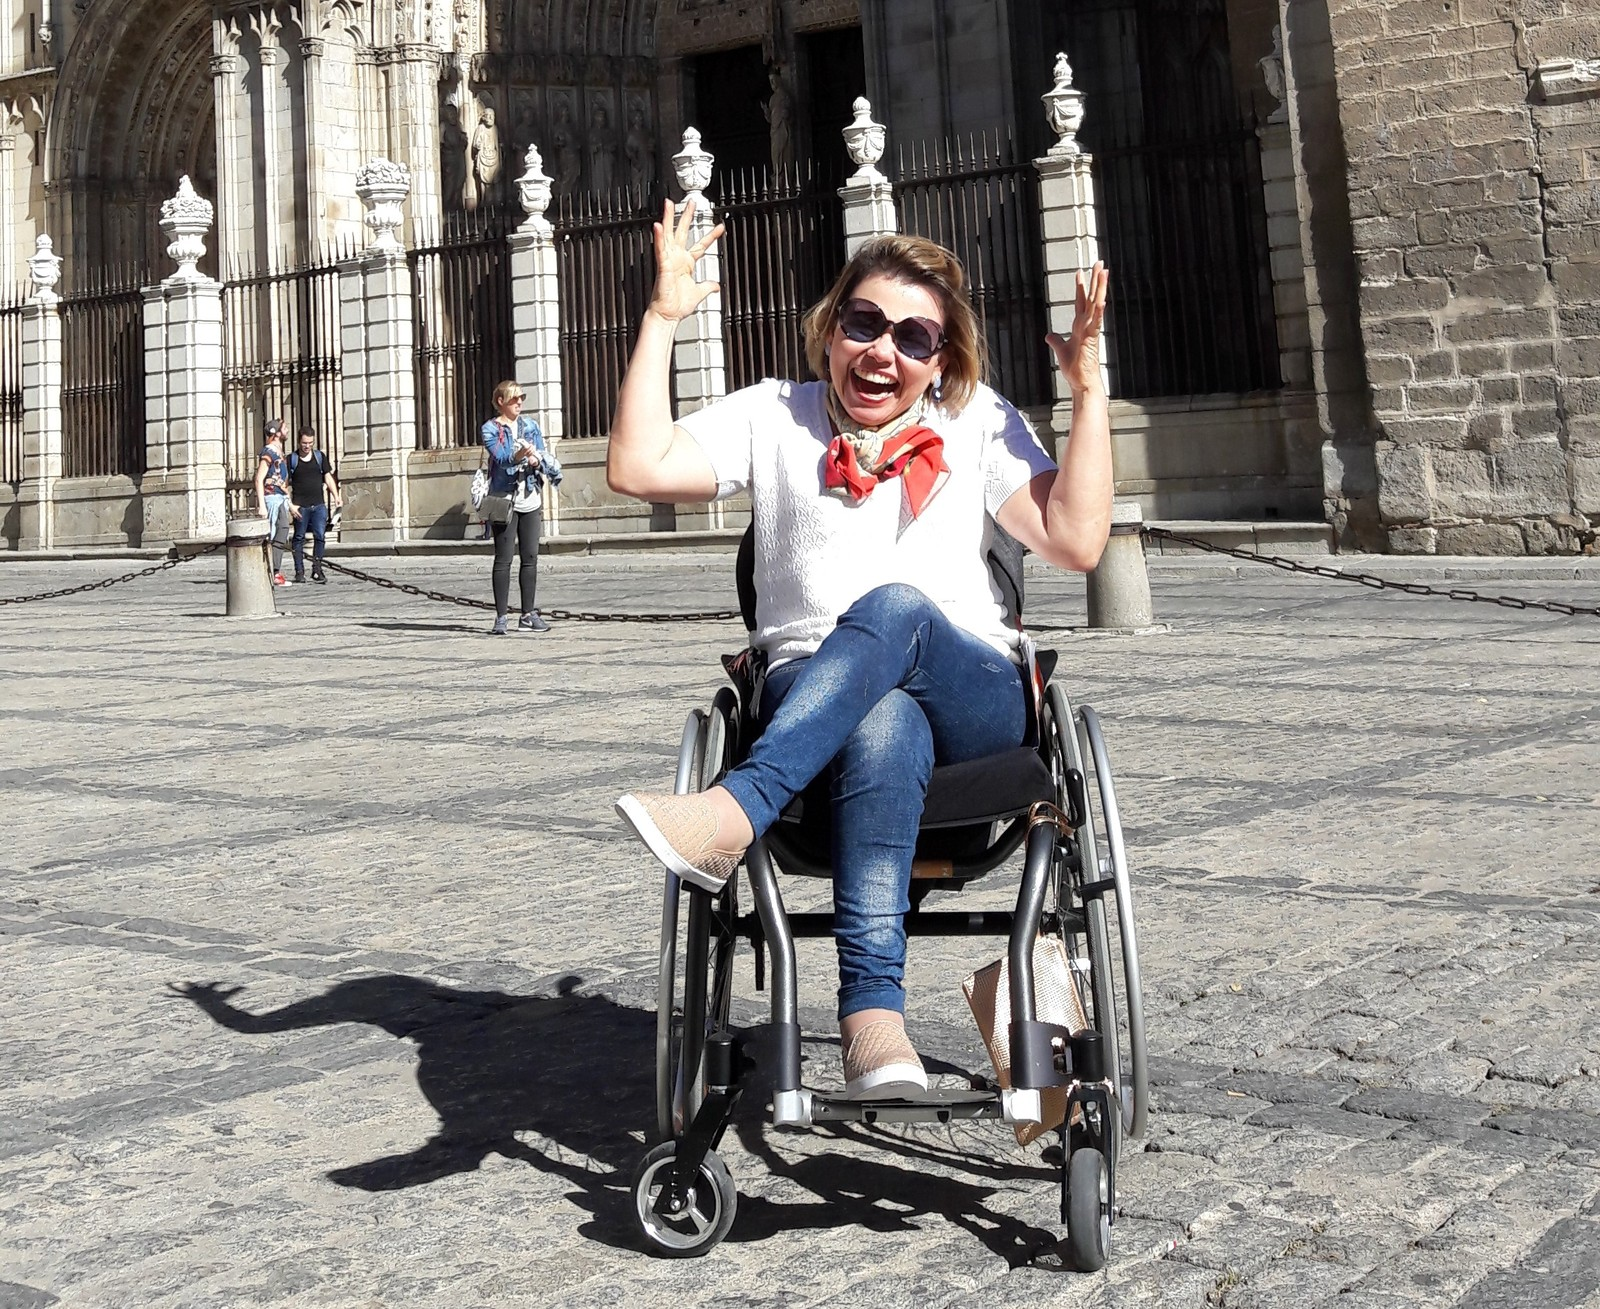 ROMPER BARREIRAS – Cadeirante faz diário de viagens para inspirar deficientes a conquistar autonomia